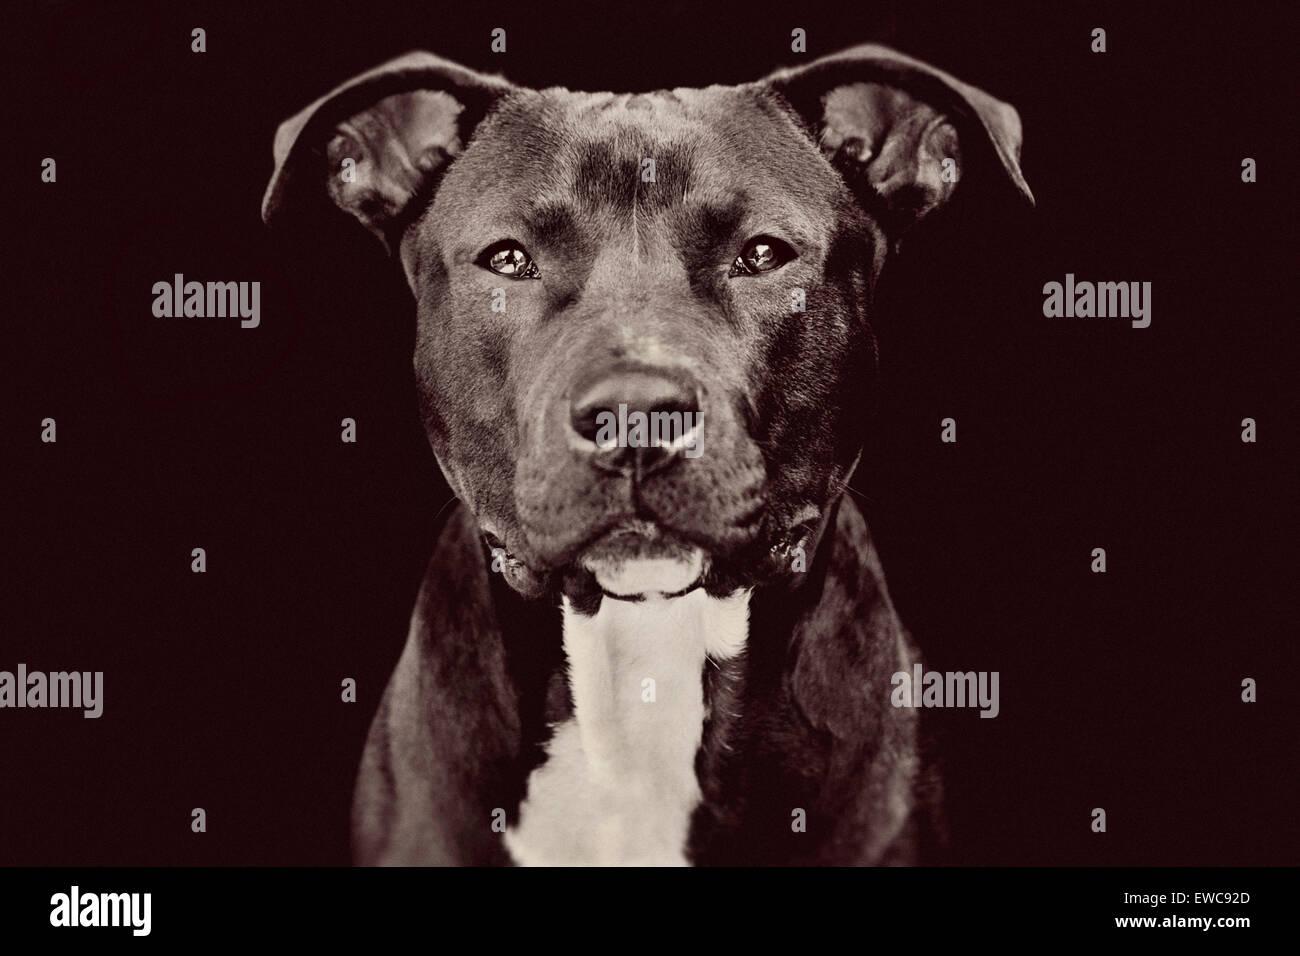 Studio Portrait of a medium large noir adultes Pitbull chien sur fond noir face caméra avec le contact d'oeil Photo Stock